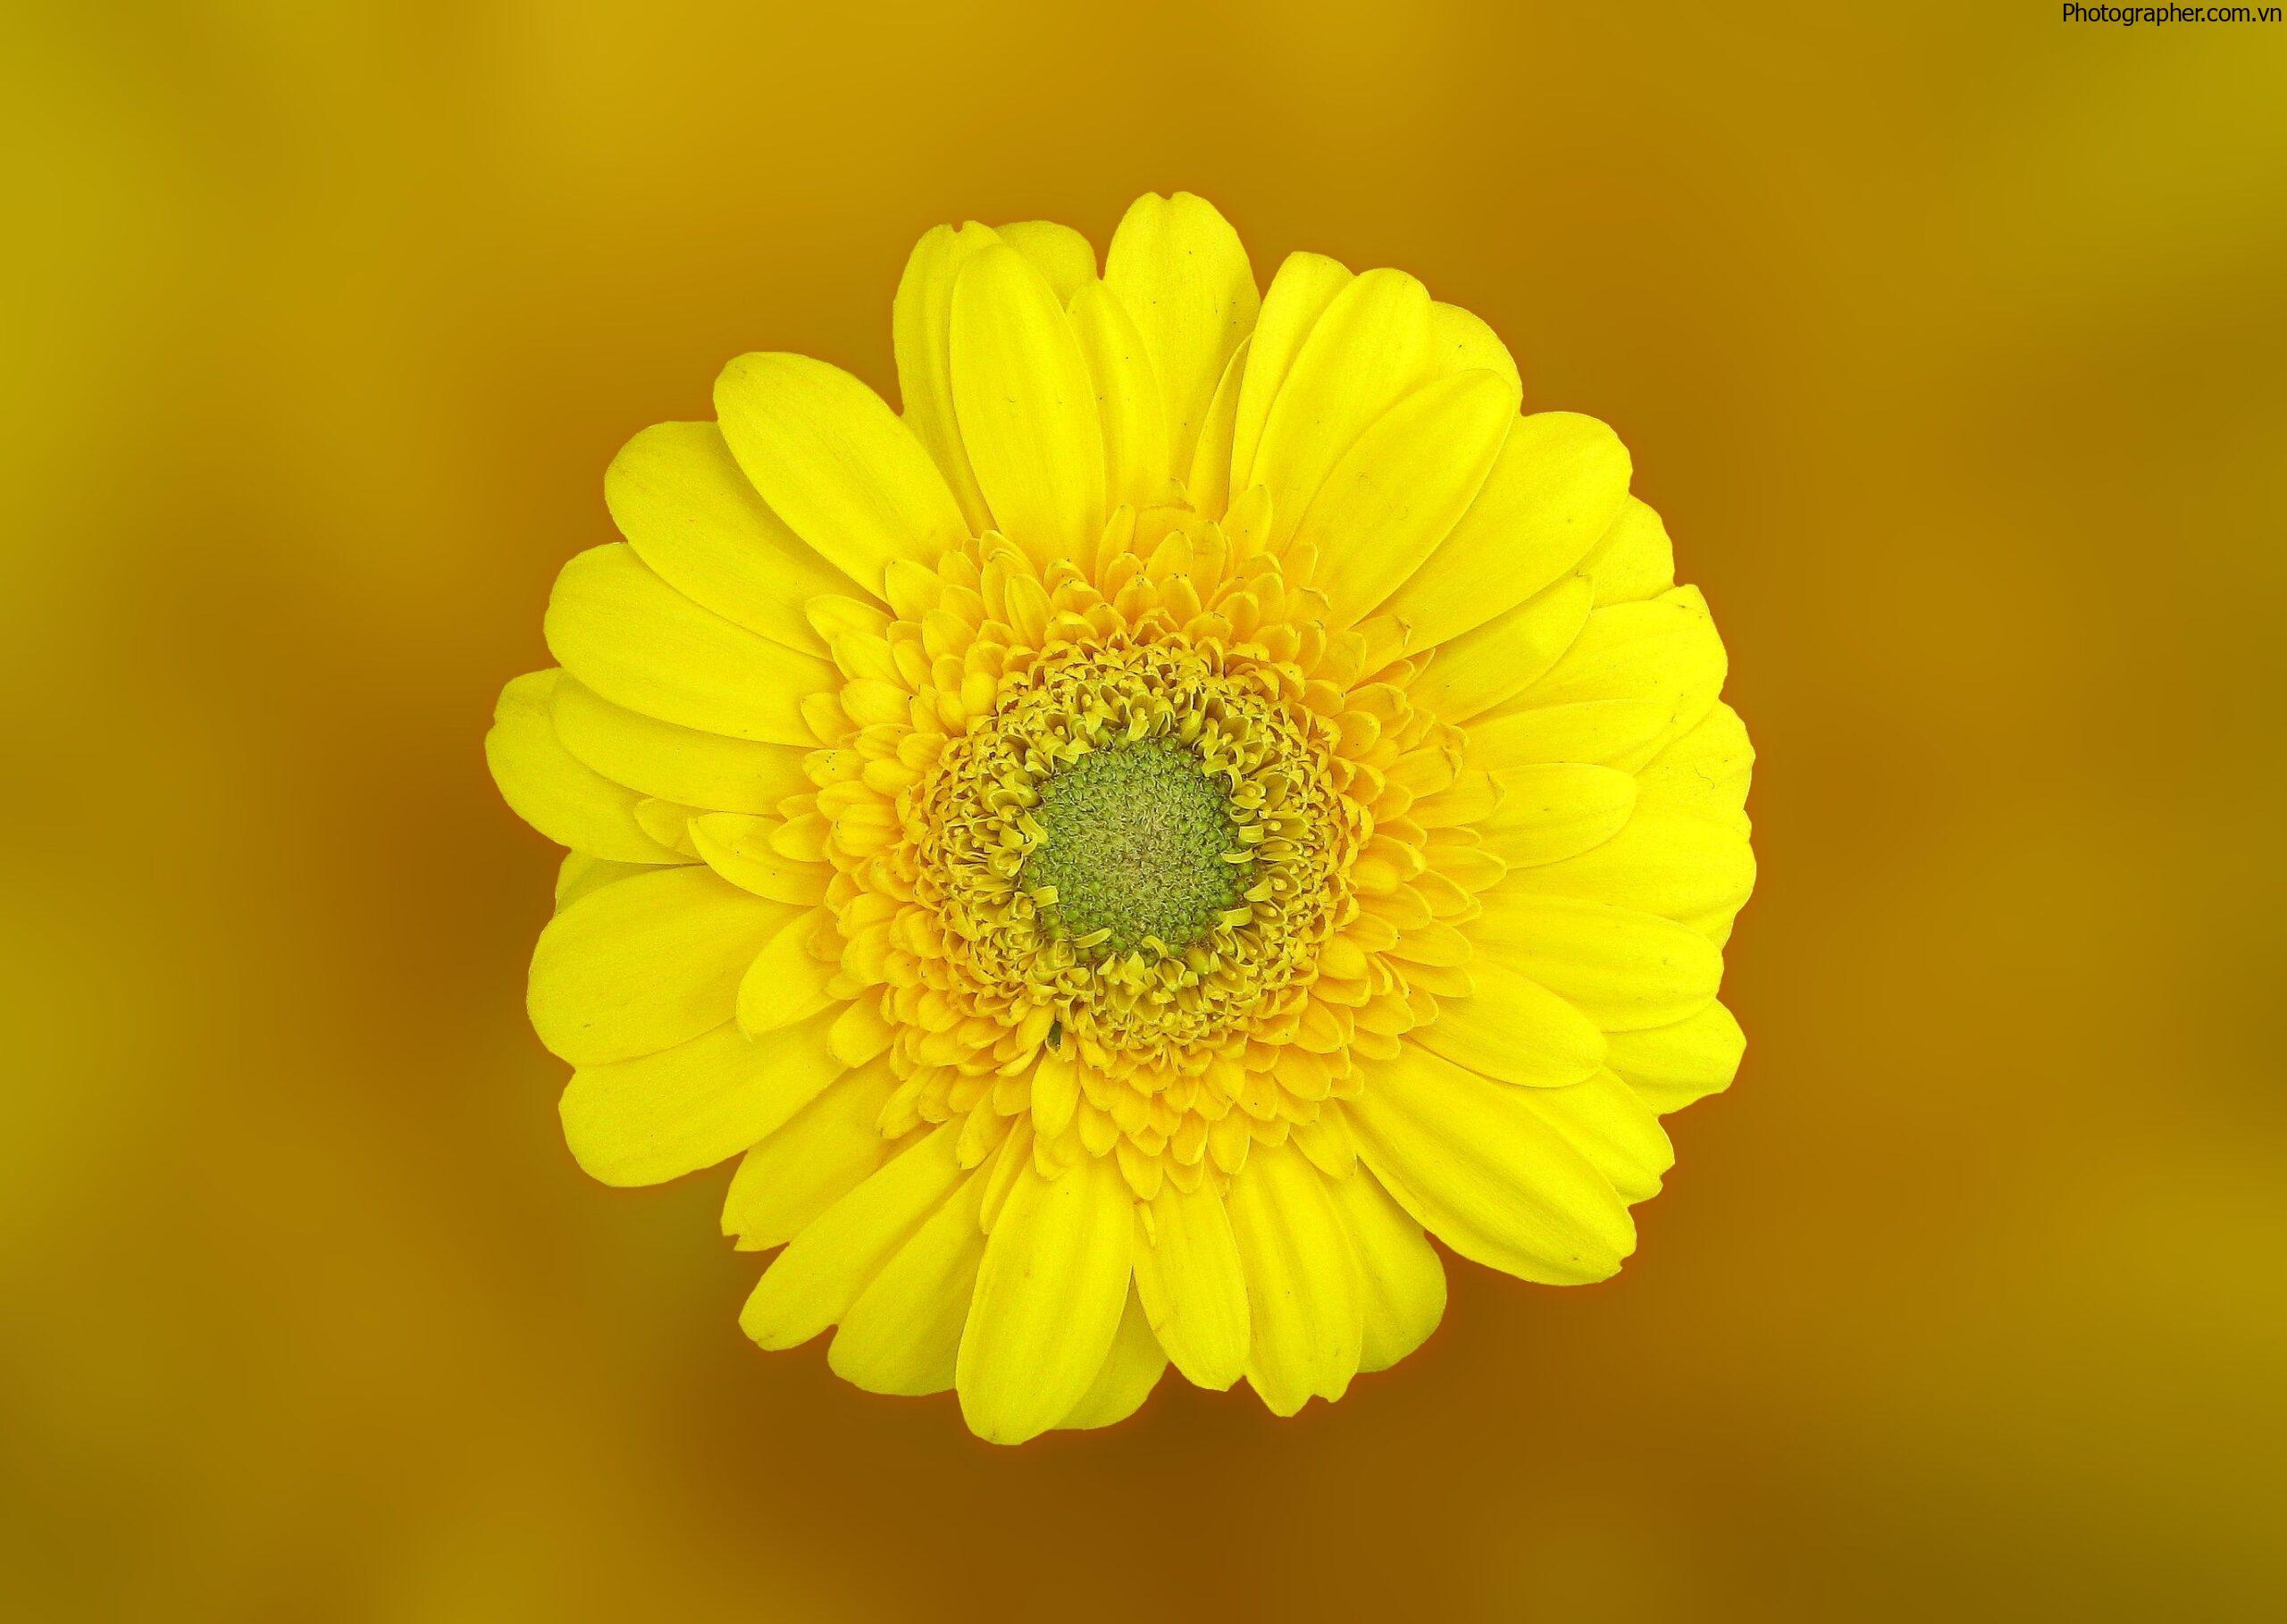 Tổng hợp hình ảnh hoa cúc vàng đẹp nhất